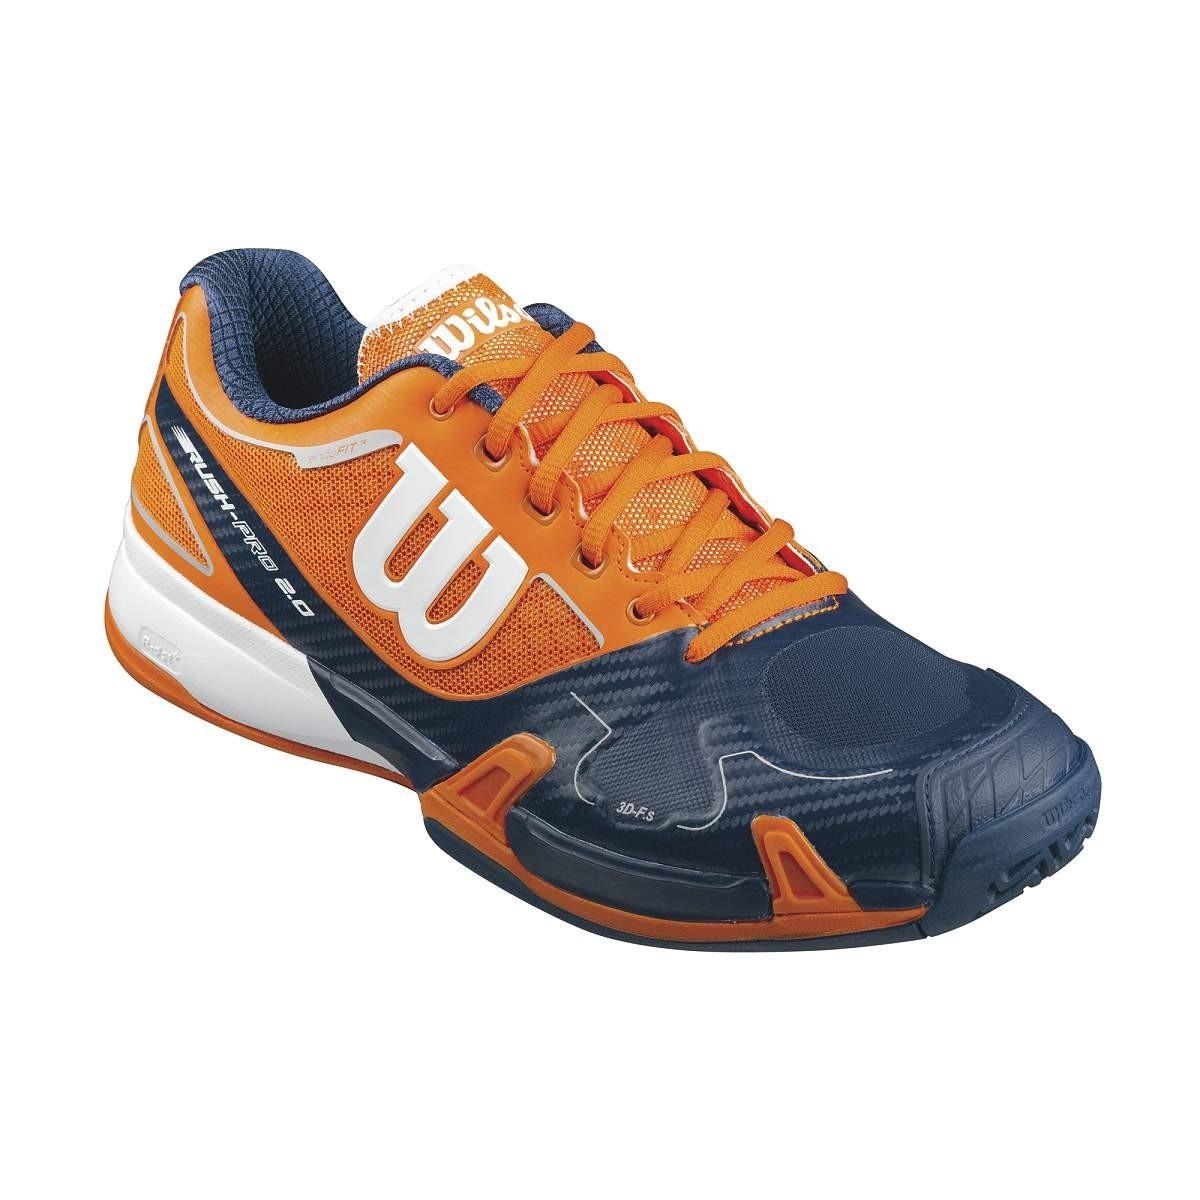 Buty tenisowe Wilson Rush Pro 2.0 Clay - wyprzedaż!